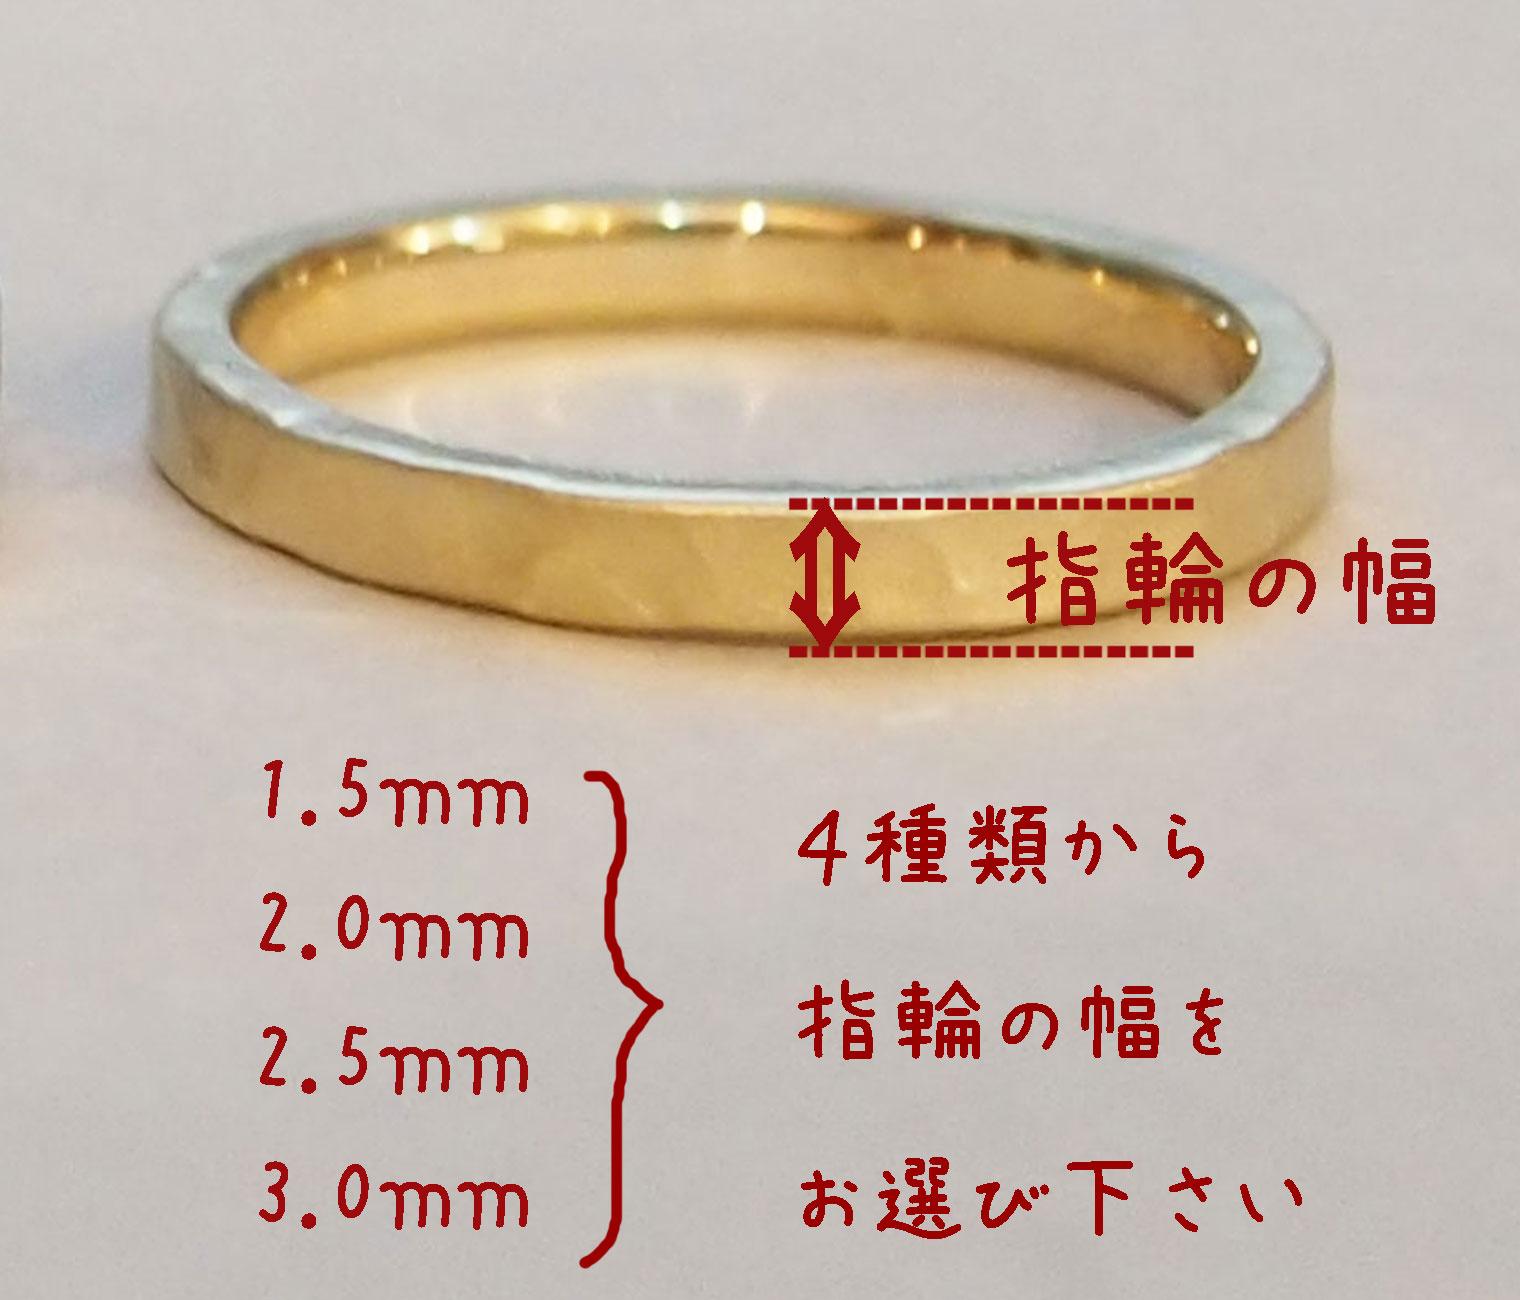 指輪 幅の説明